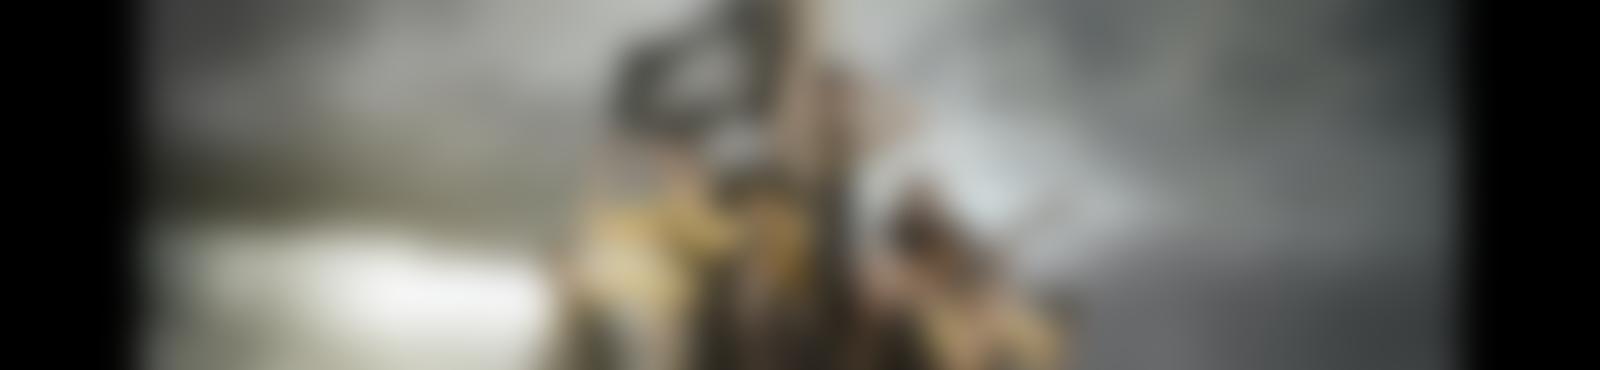 Blurred c8e6d1db 7b13 470b 9ba5 0bb7b7ec6753